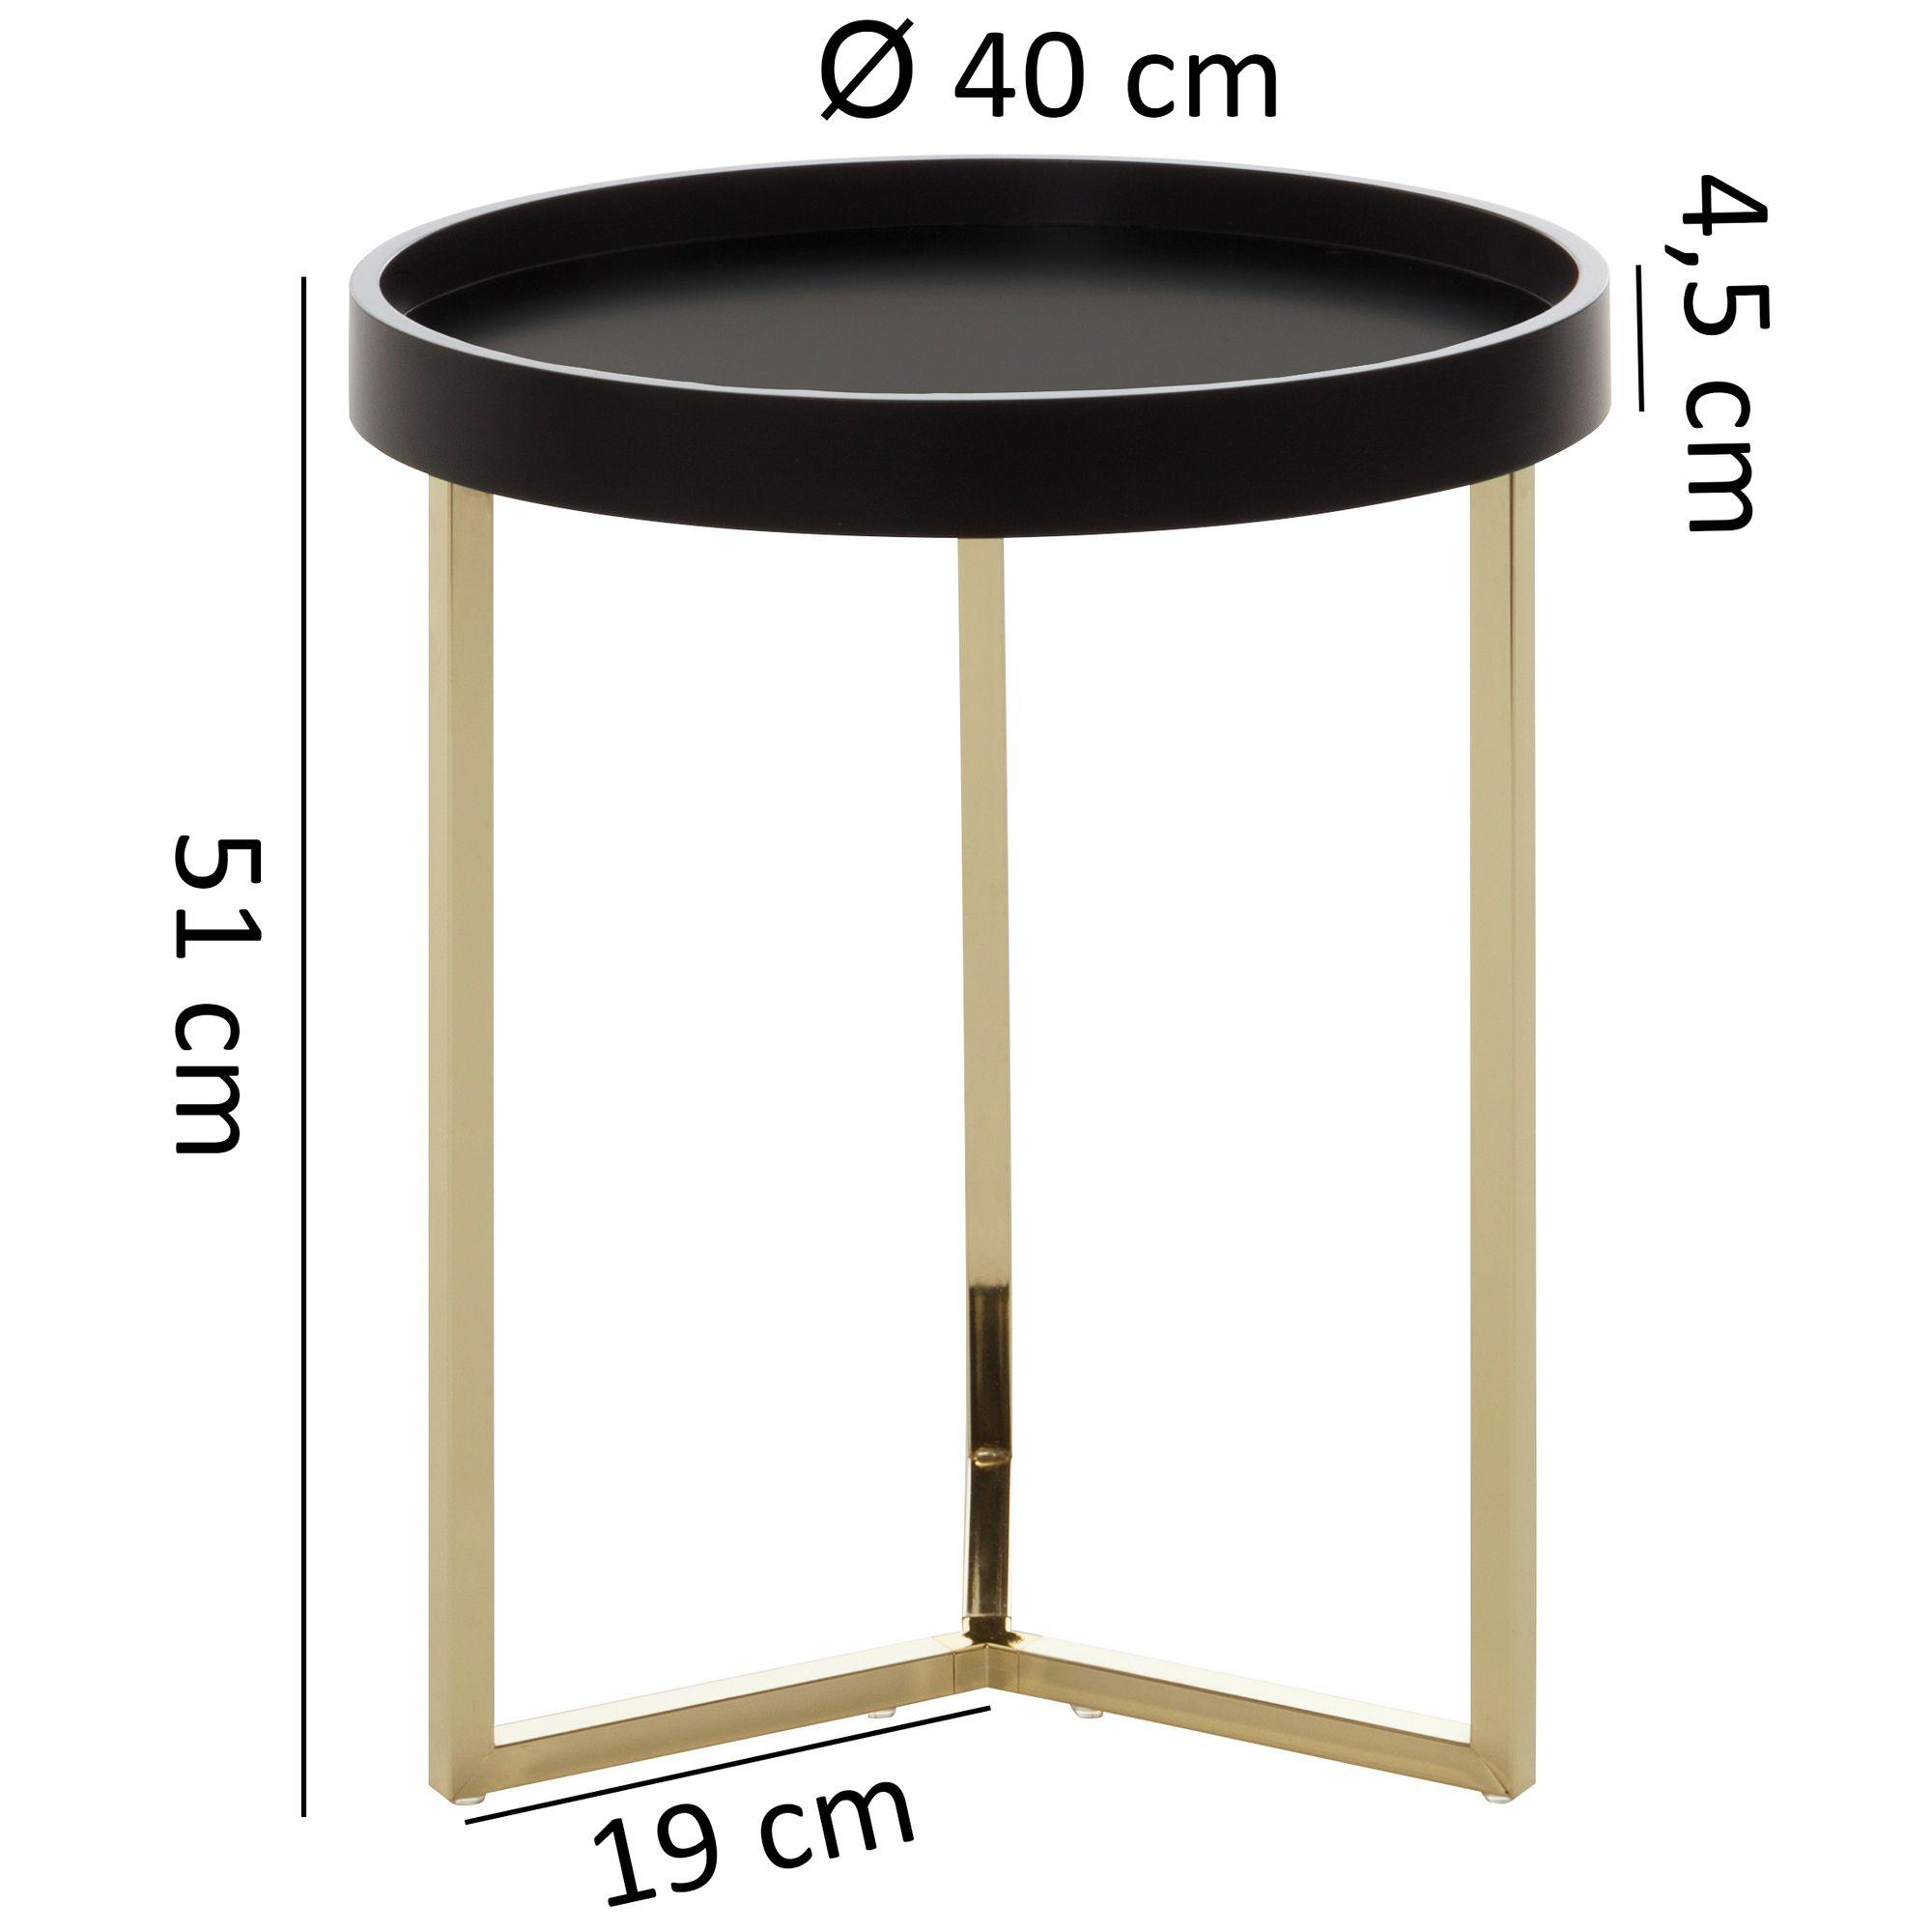 Wohnling Design Beistelltisch Eva 40x51x40cm Couchtisch Rund Schwarz Gold Designer Wohnzimmertisch Modern Kleiner Sofatisch